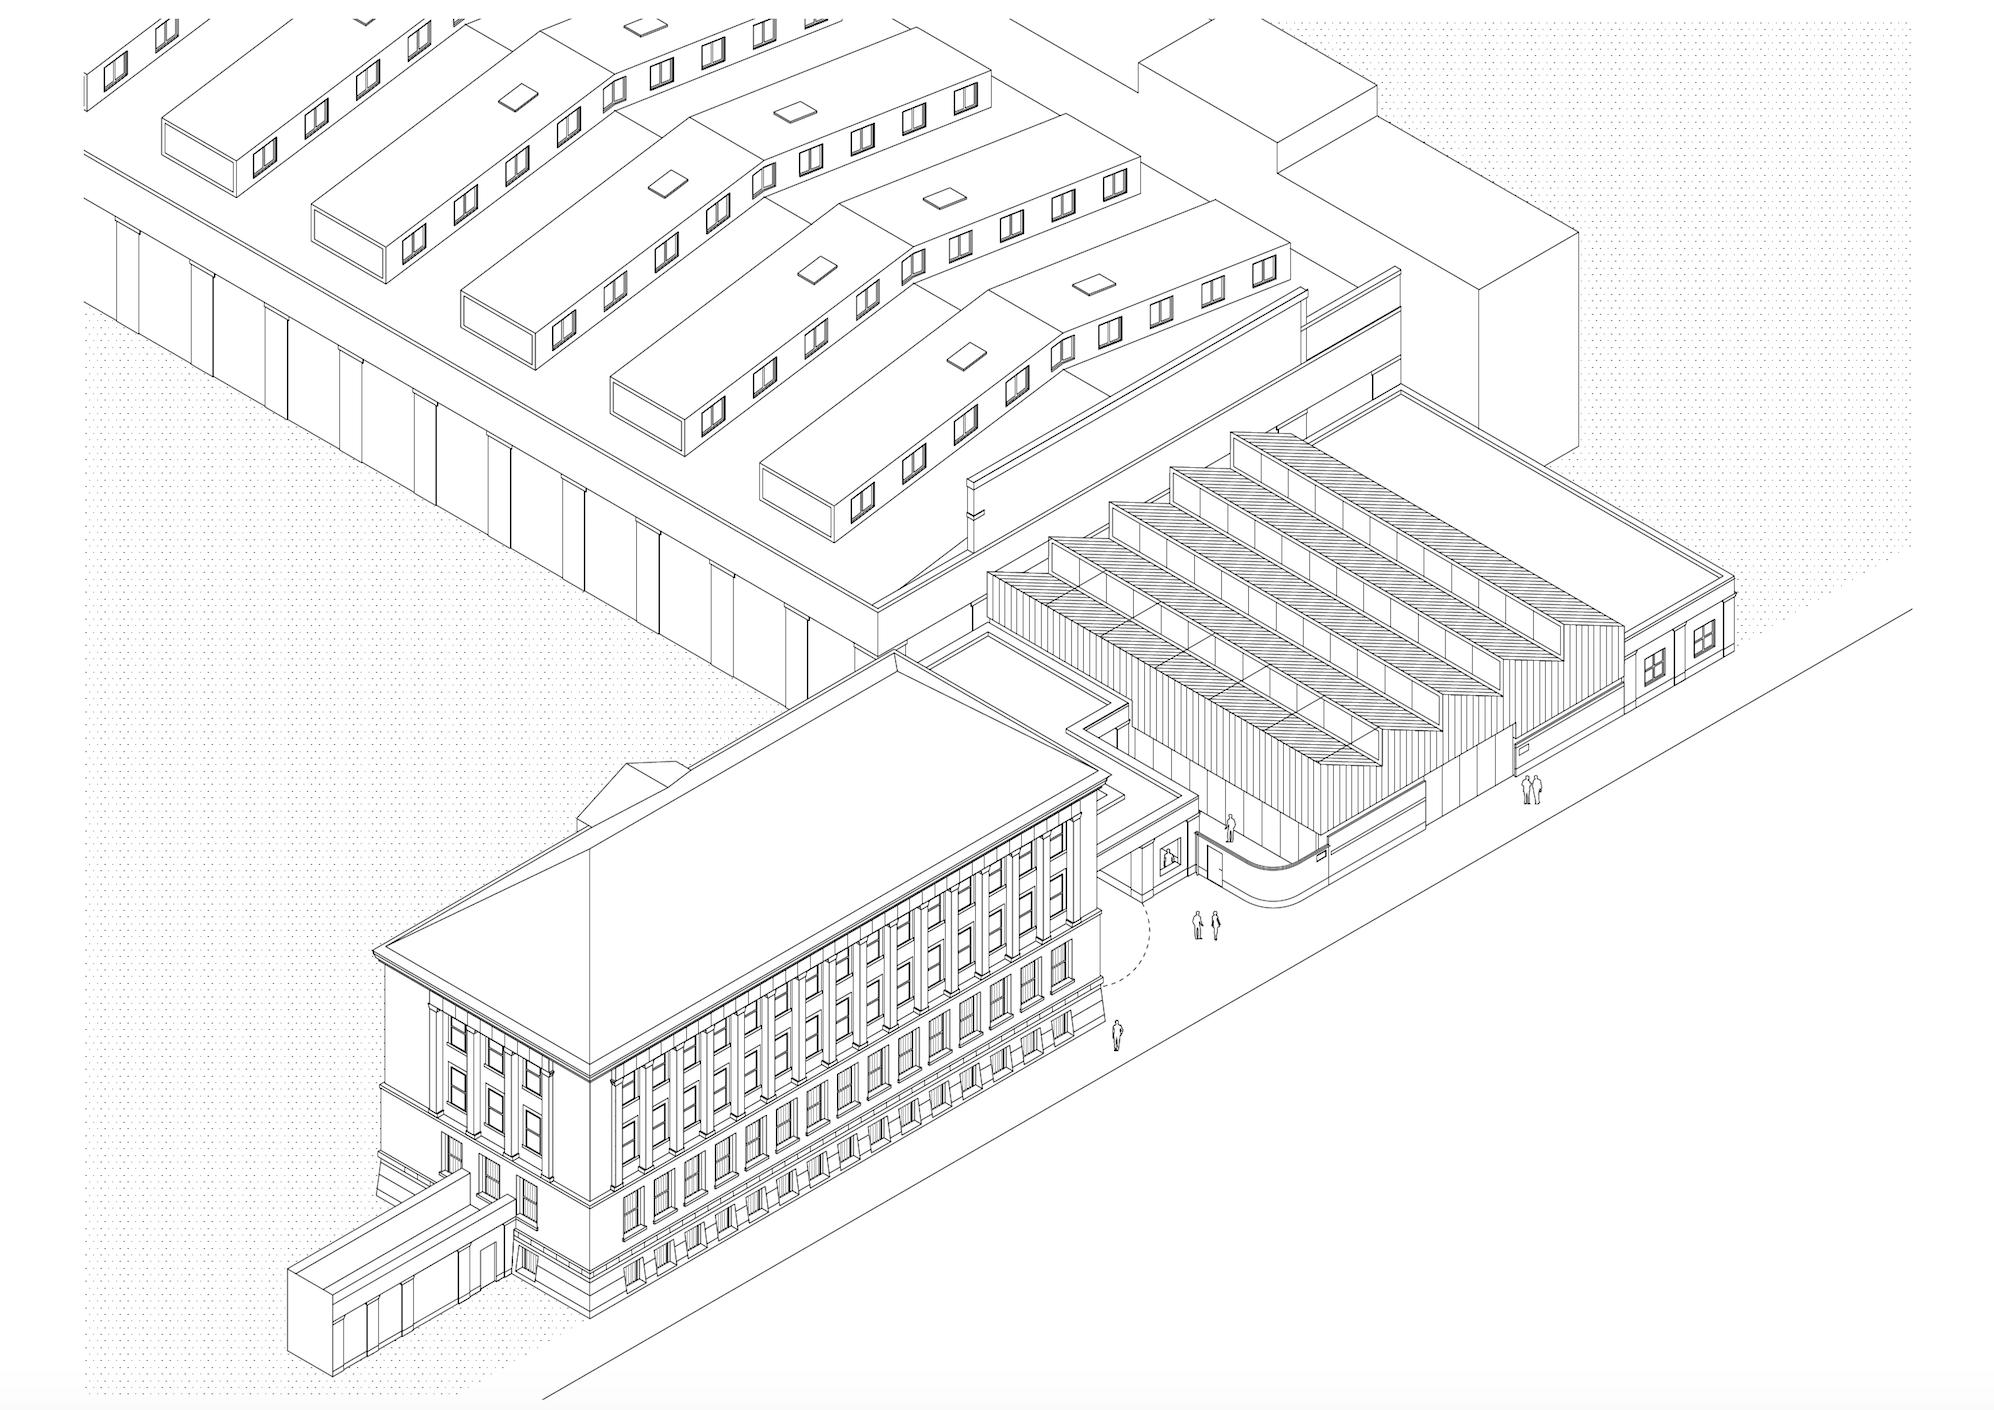 Axonometrie Festhalle Rheistahlgelände Tanja Lincke Architekten